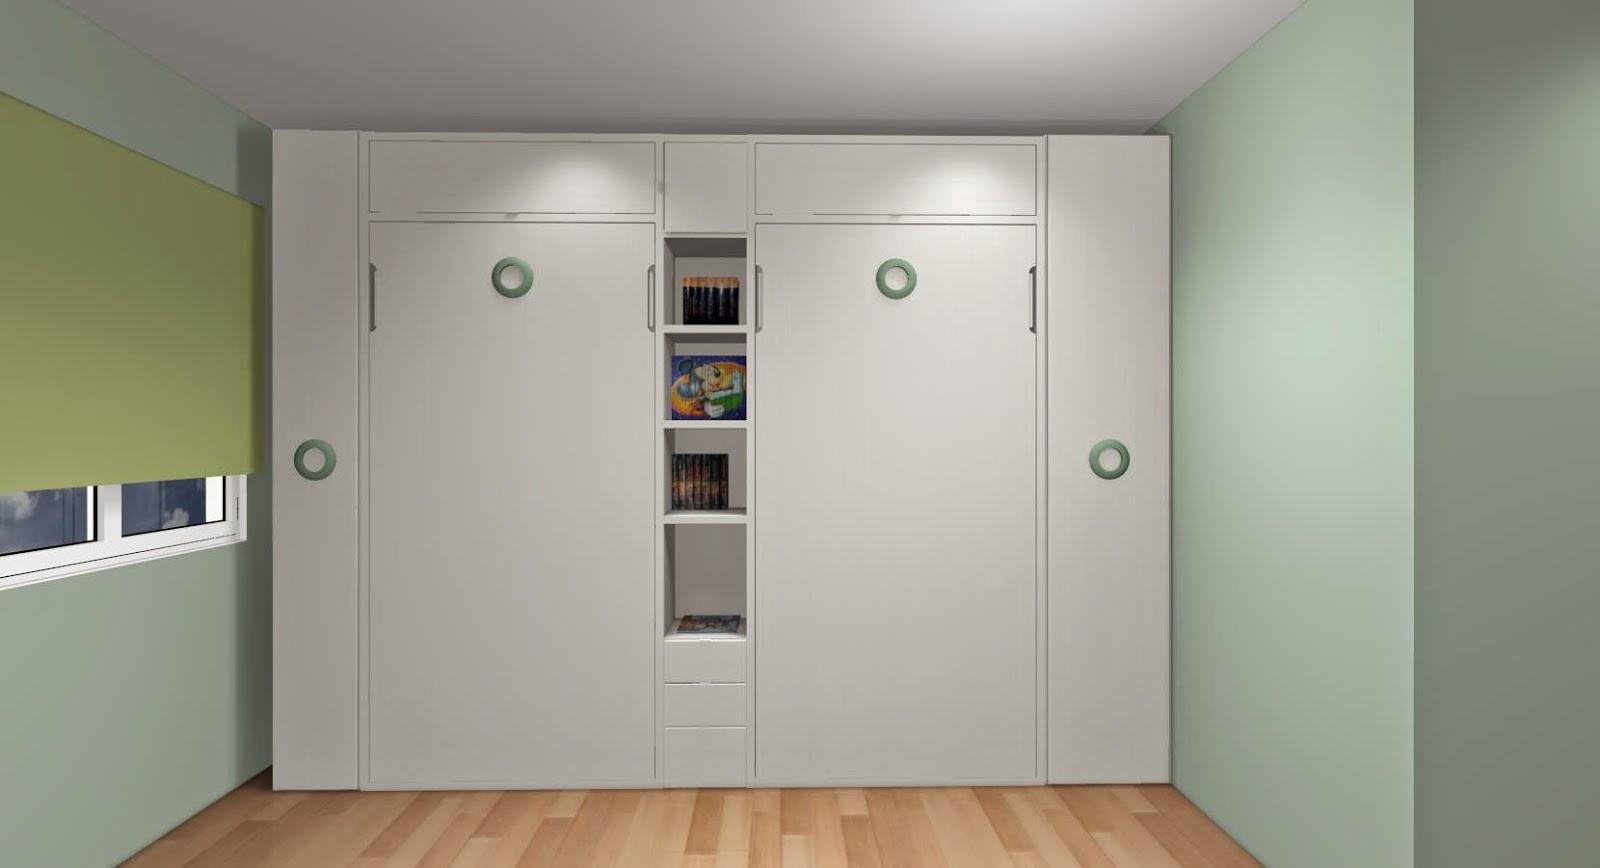 Dise o de cuartos o dormitorios juveniles - Habitaciones juveniles dos camas ...